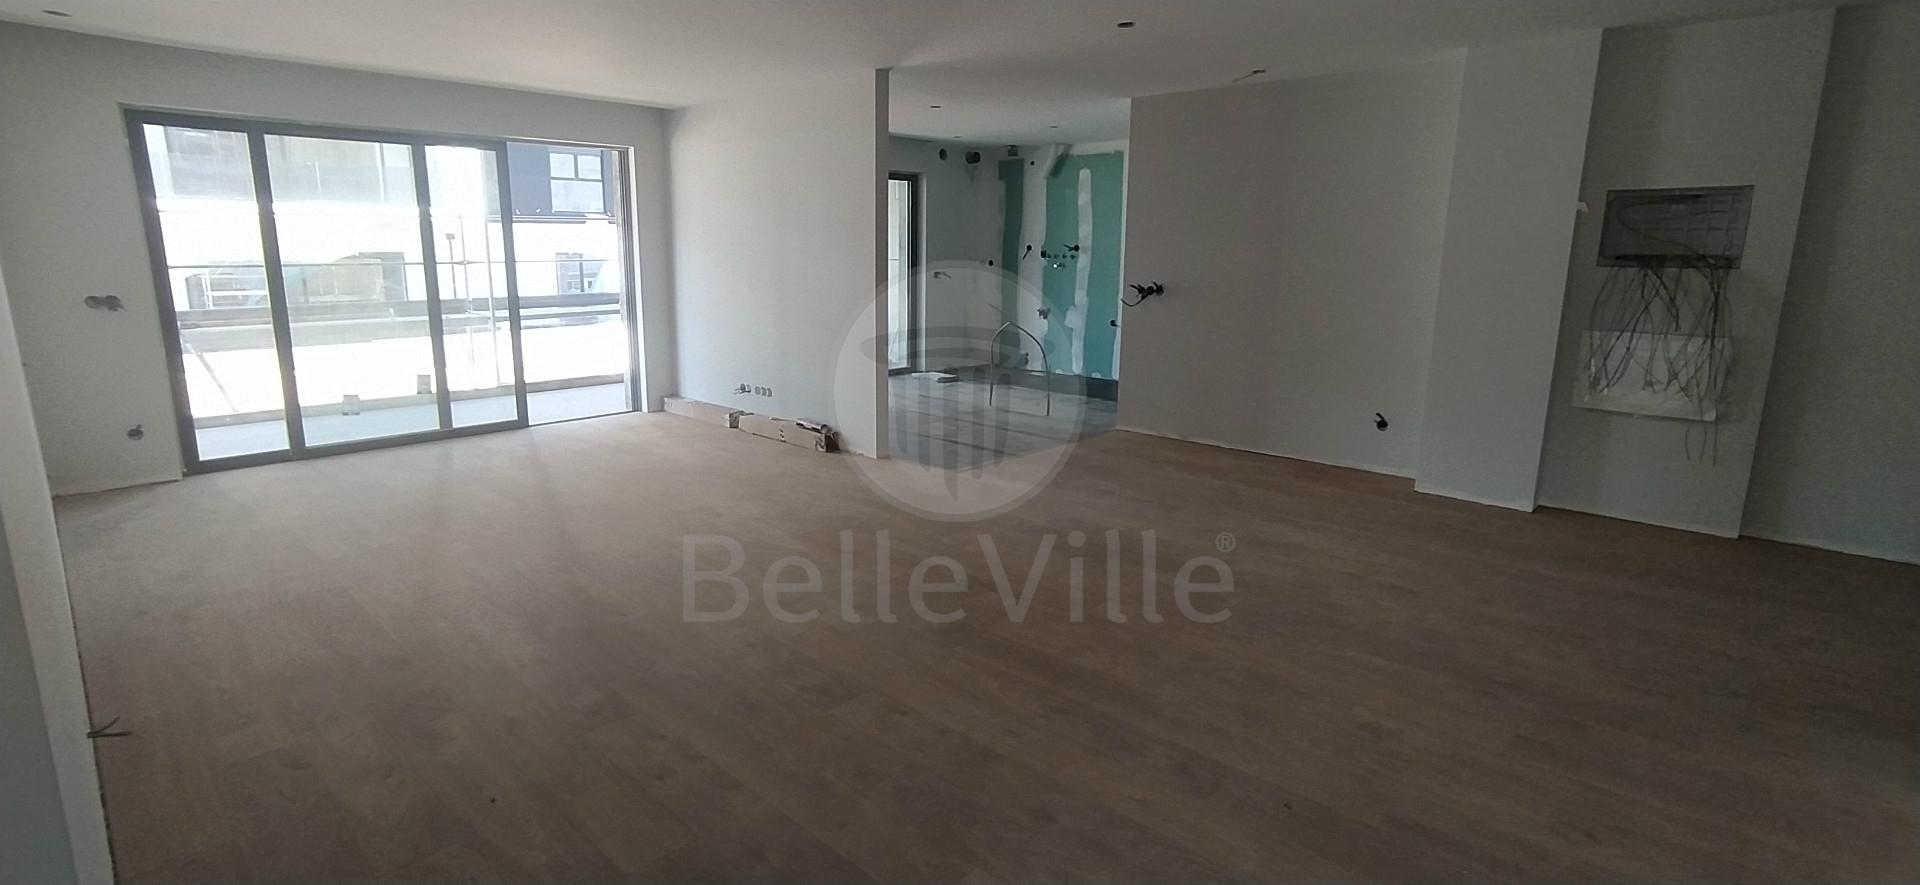 BelleVille Sociedade de Mediação Imobiliária, Lda